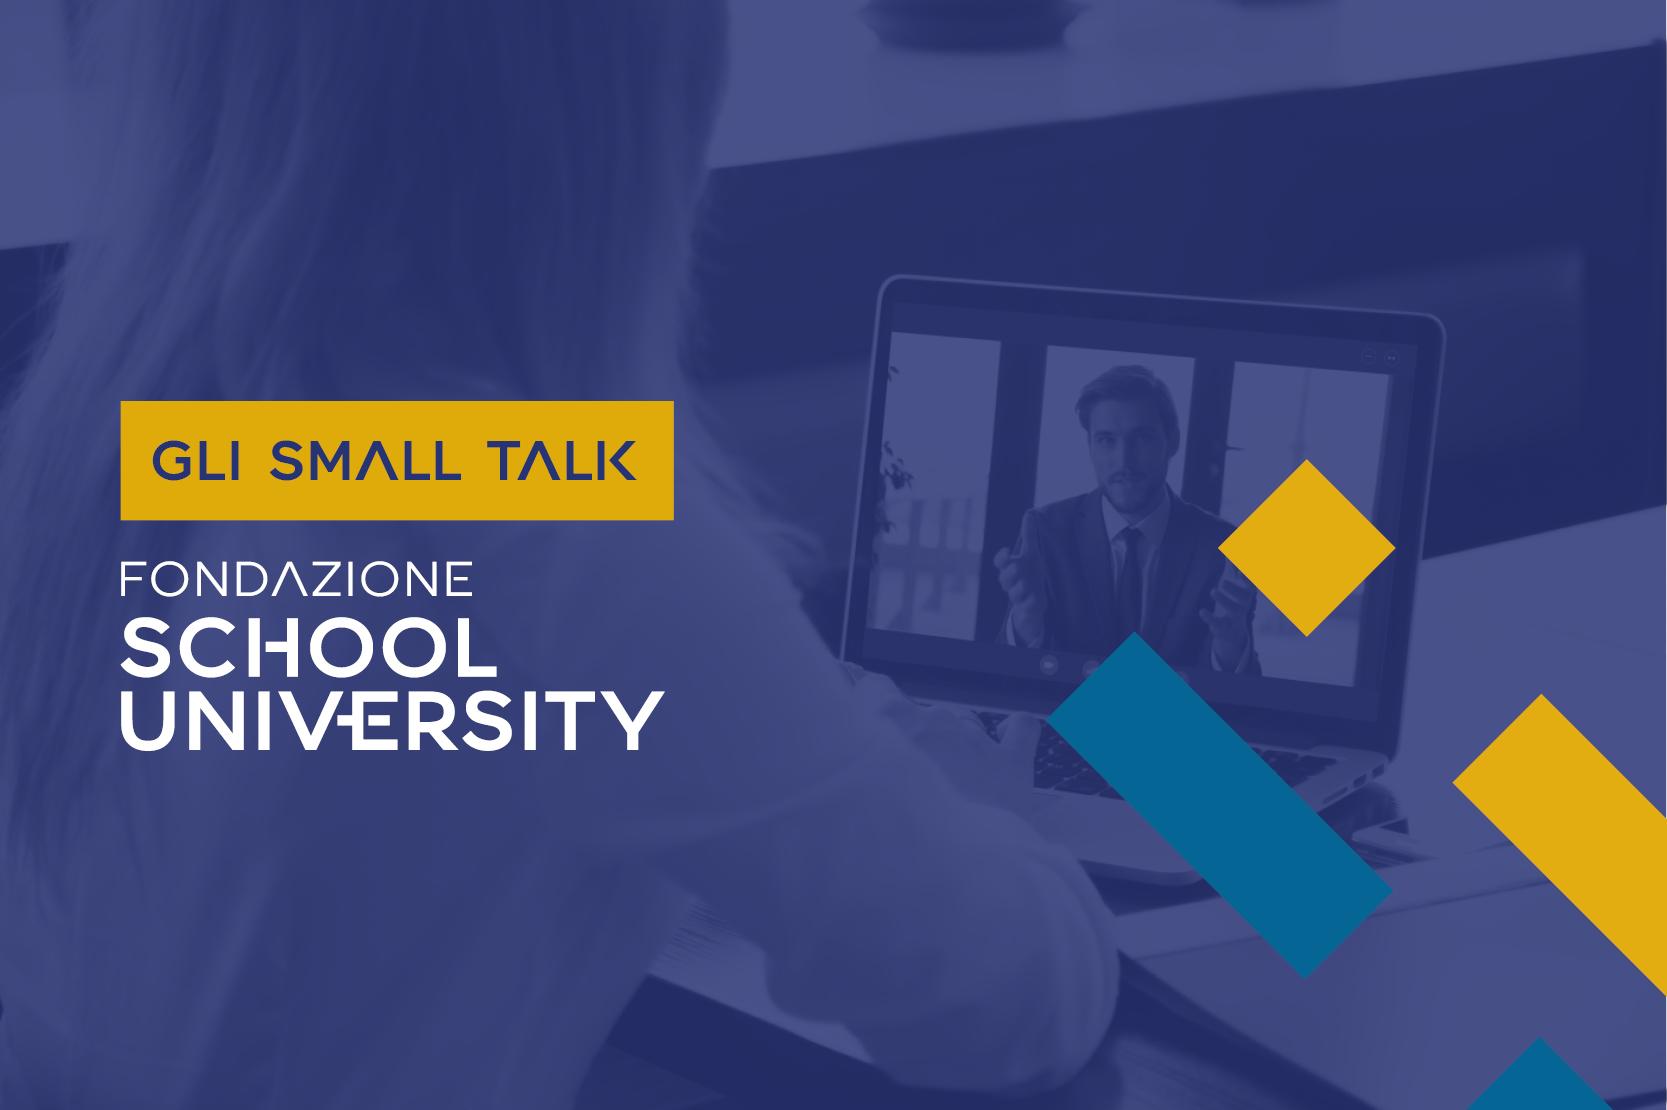 Gli Small Talk di Fondazione School University